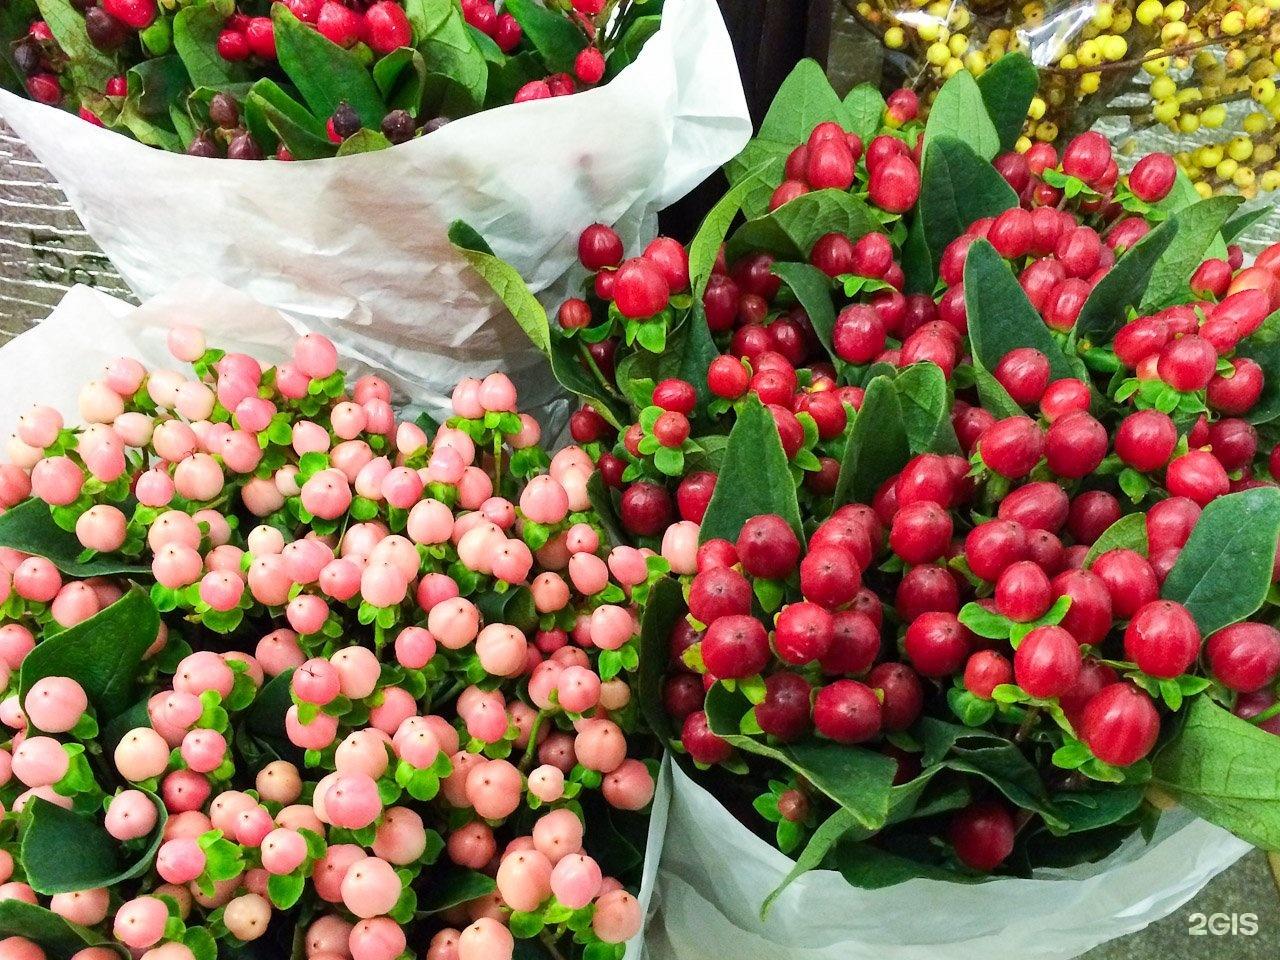 Оптовая база цветов ярославль богдановича, купить оптом алматы